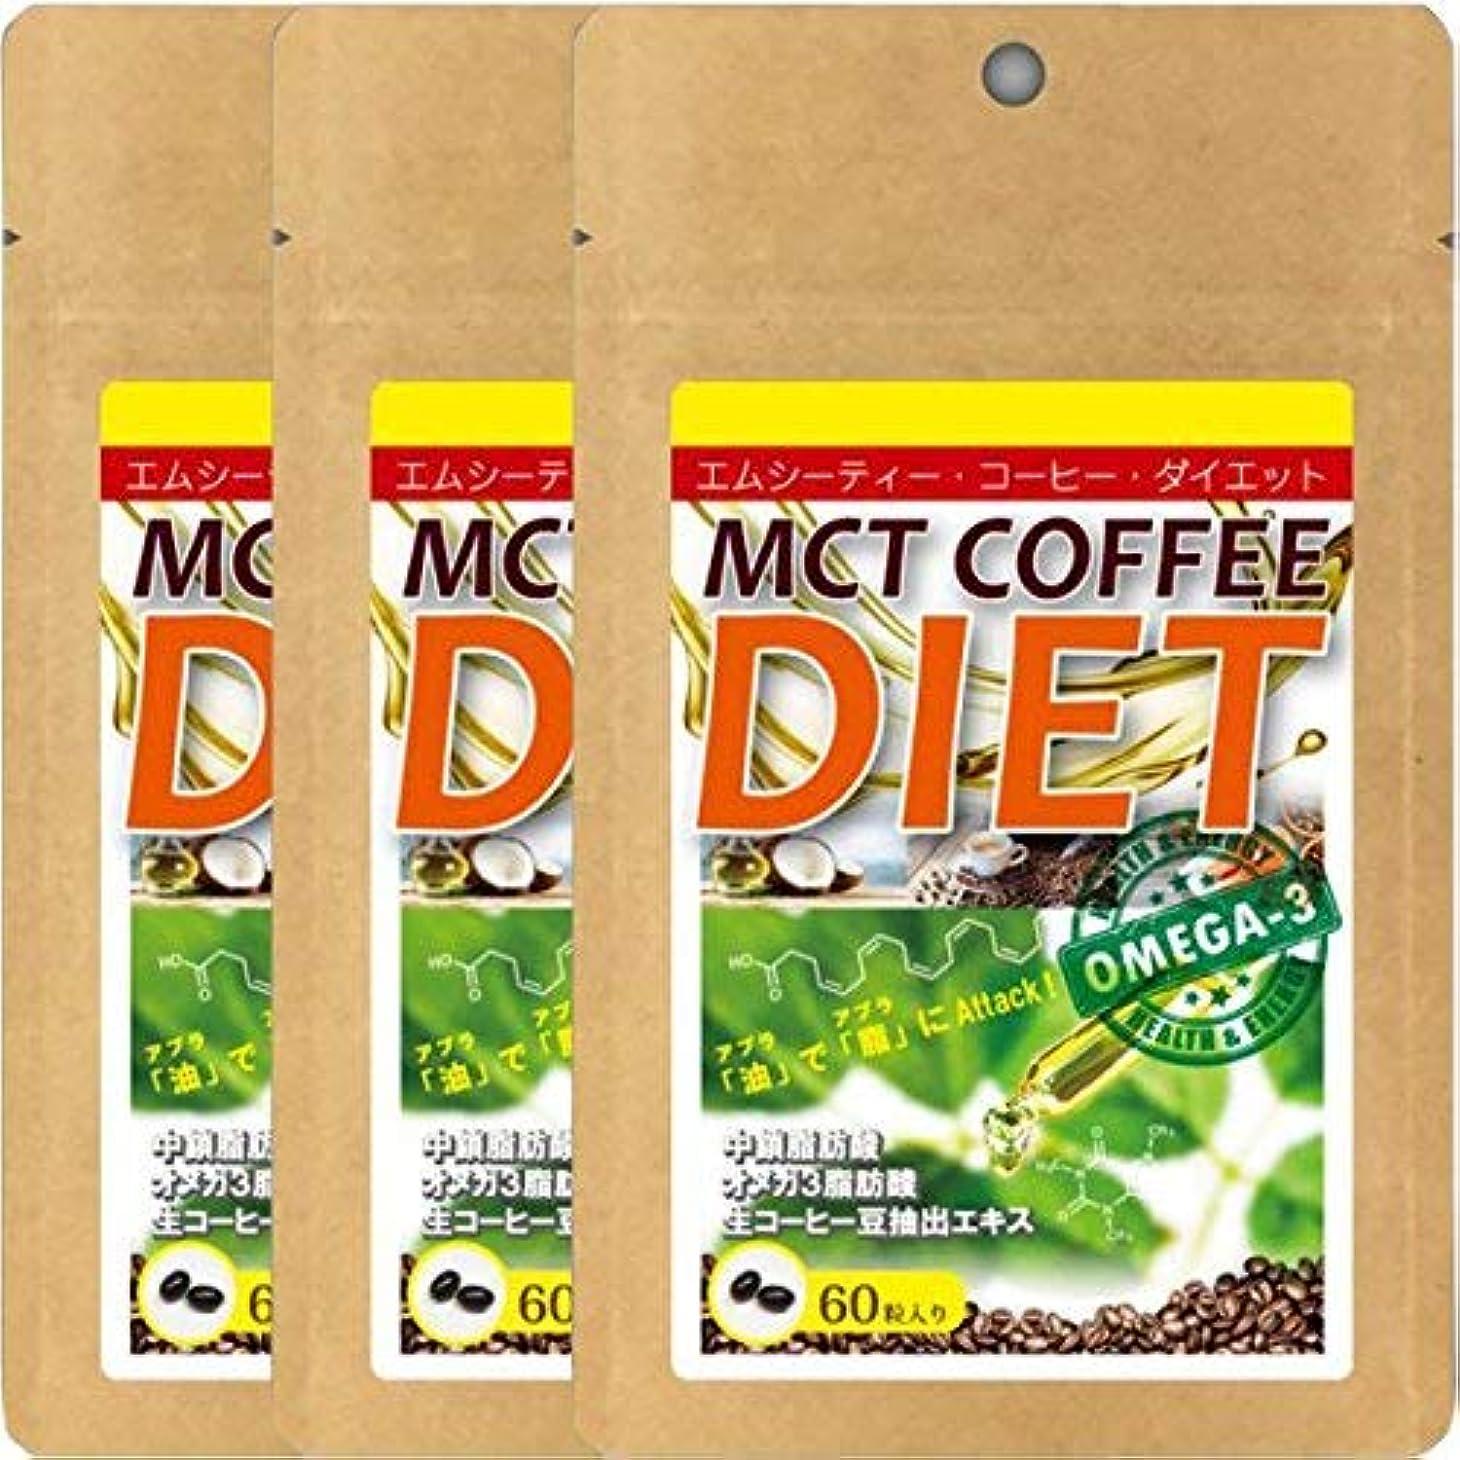 リクルート侵入する多年生【MCTオイル】MCTコーヒーダイエット 3個セット 【10% OFF !! 】 60カプセル入り